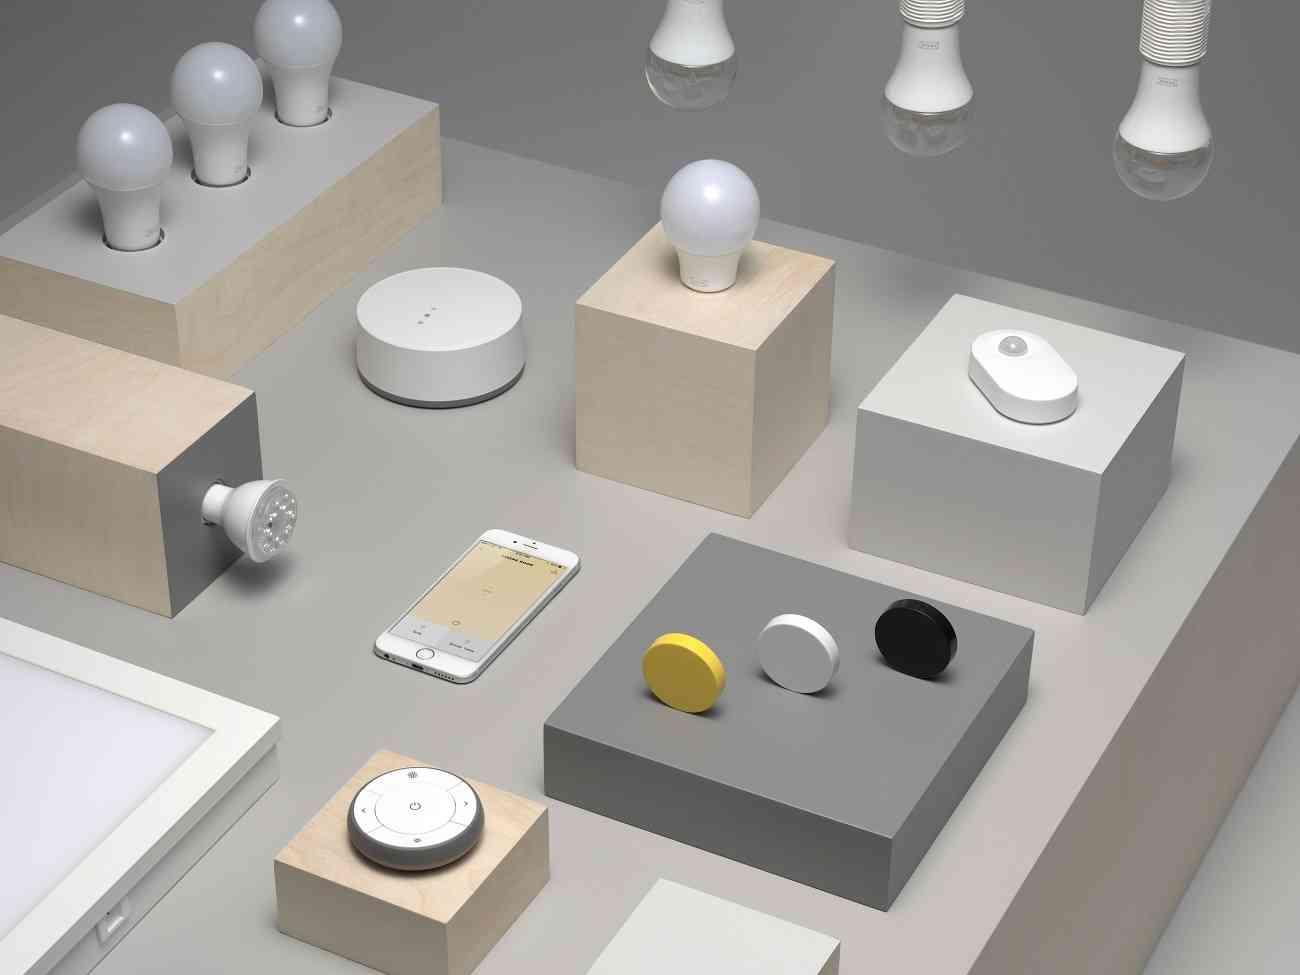 IKEA ofrece control por voz en su colección de iluminación inteligente 1